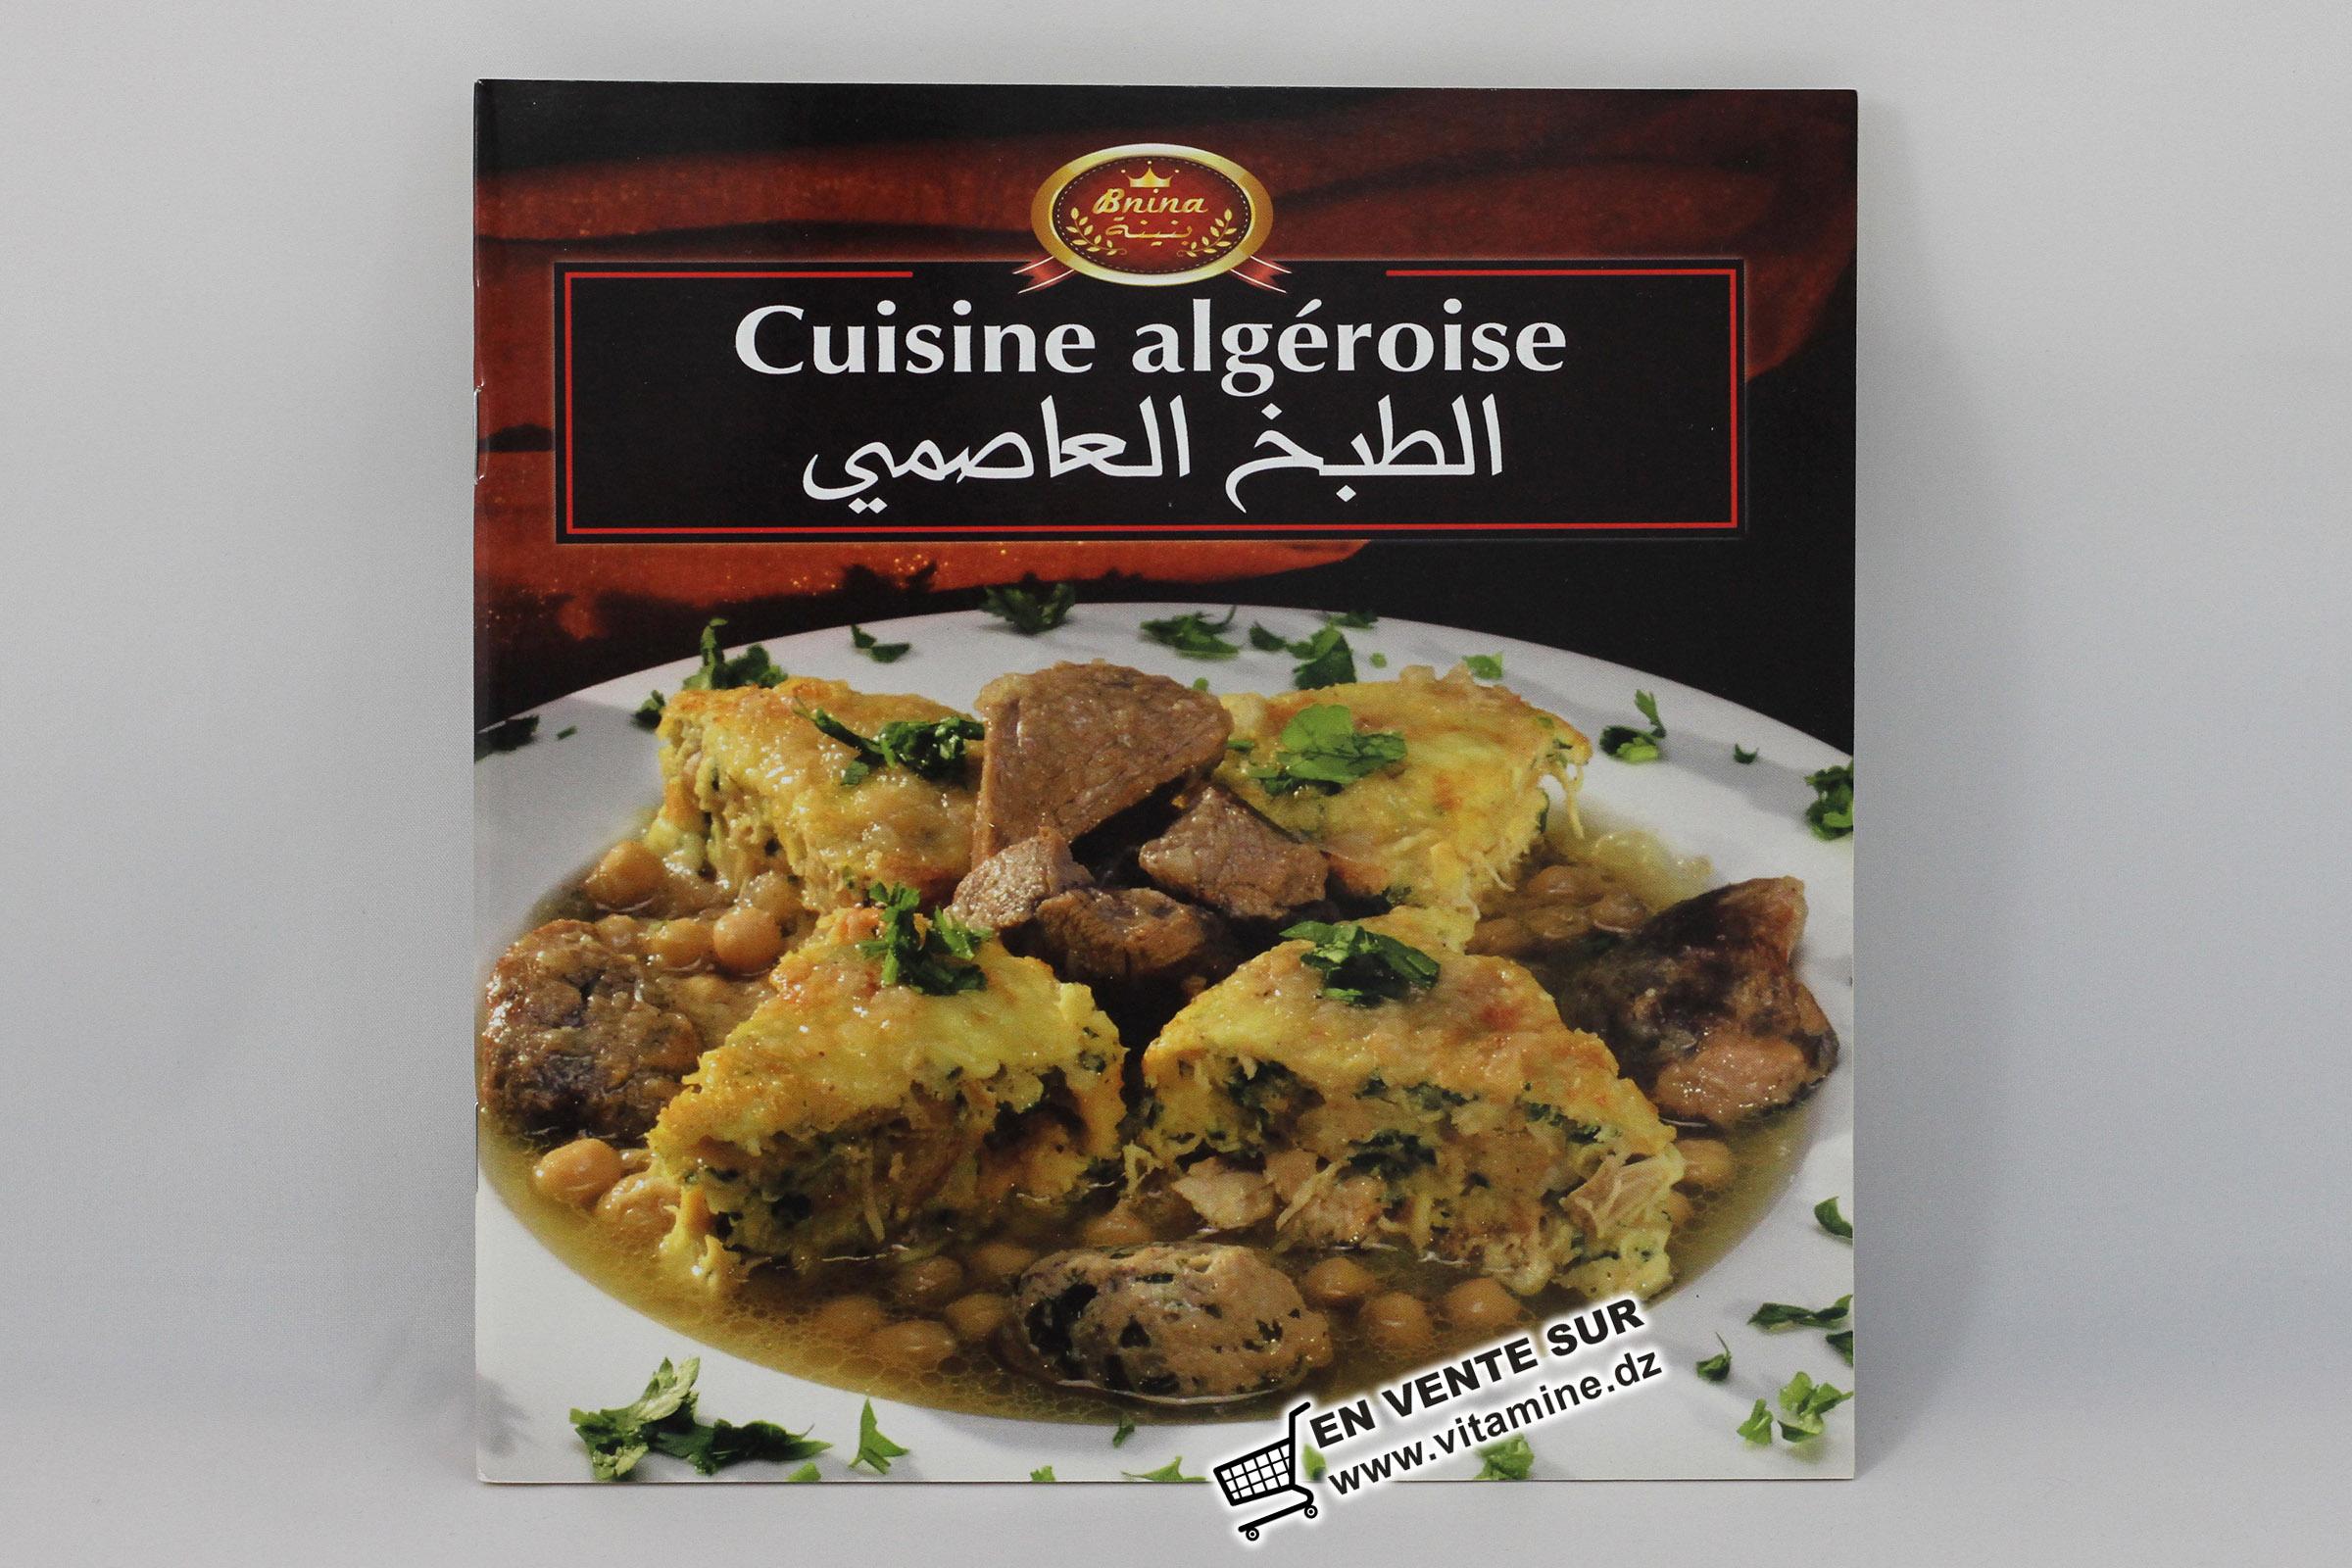 Bnina - Cuisine algéroise